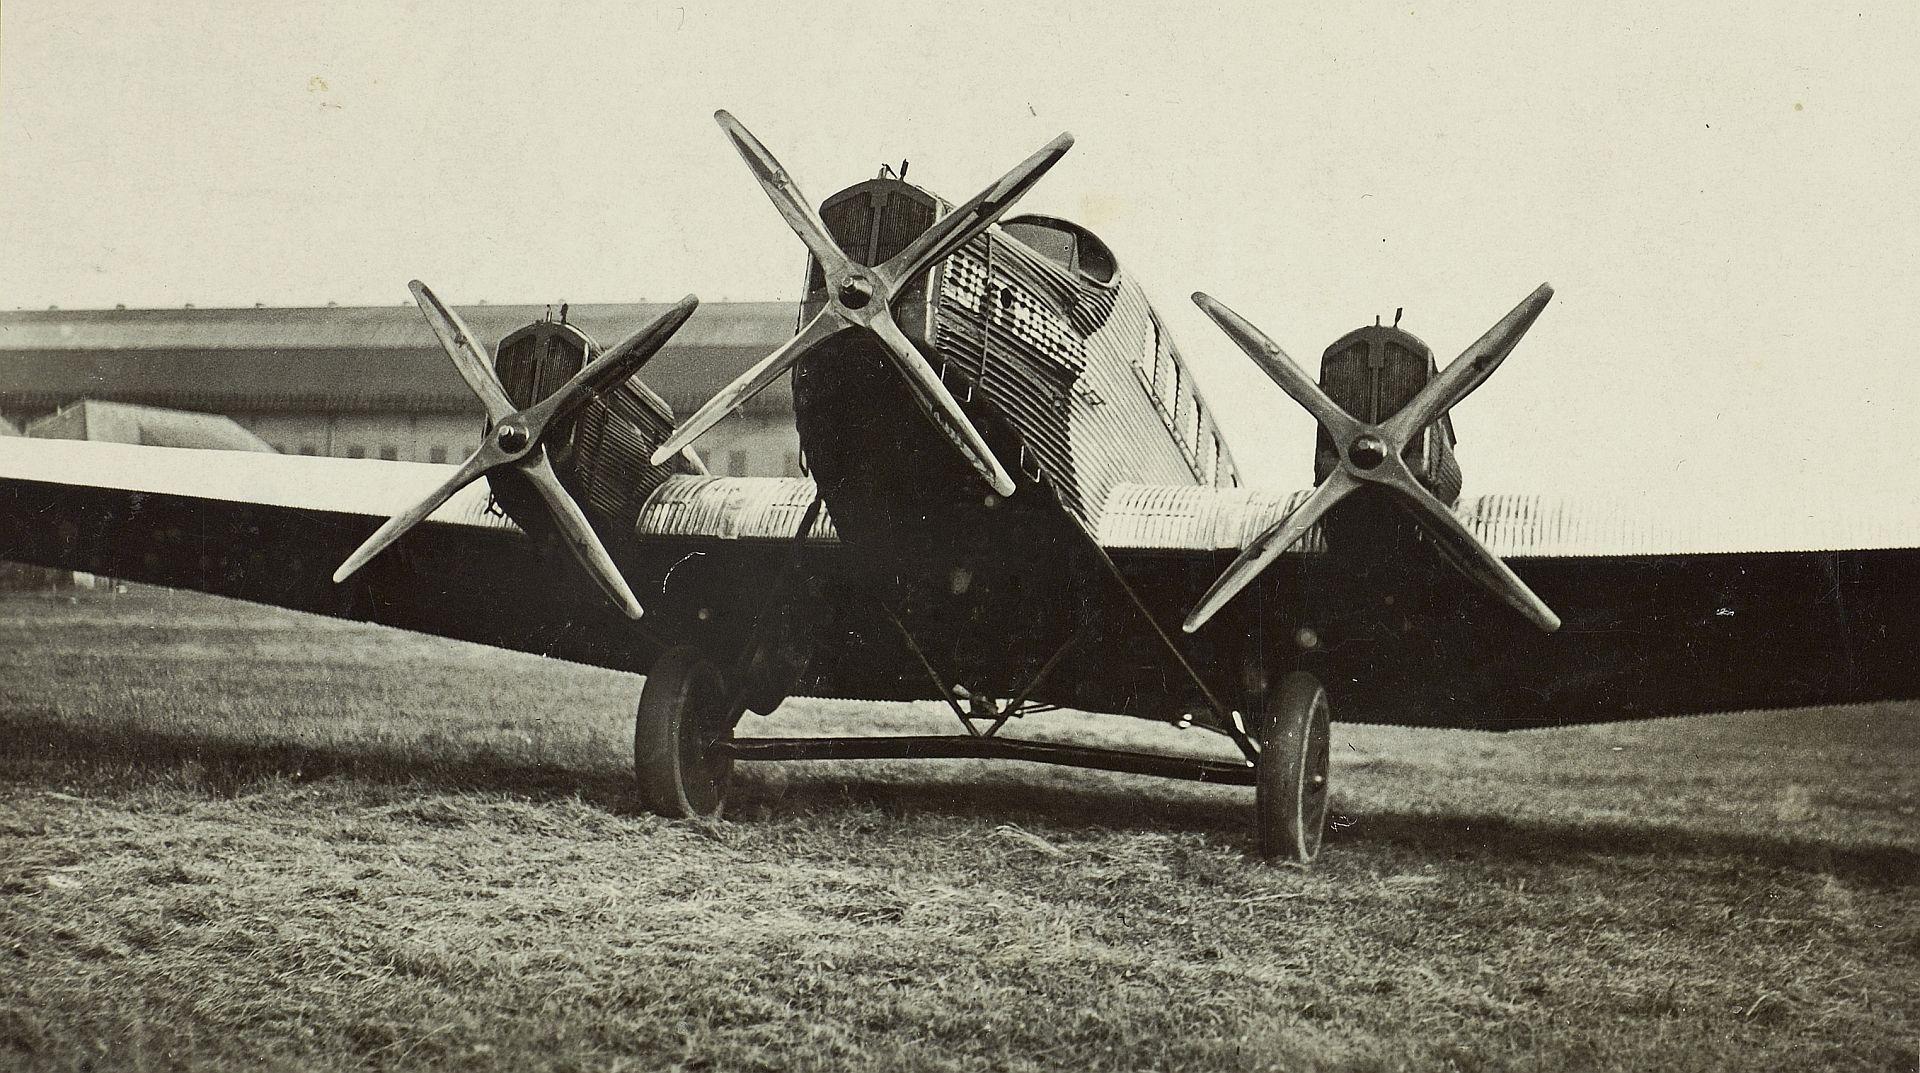 Junkers G 24 mit Schwarz-Kreuzflgel-Luftschrauben